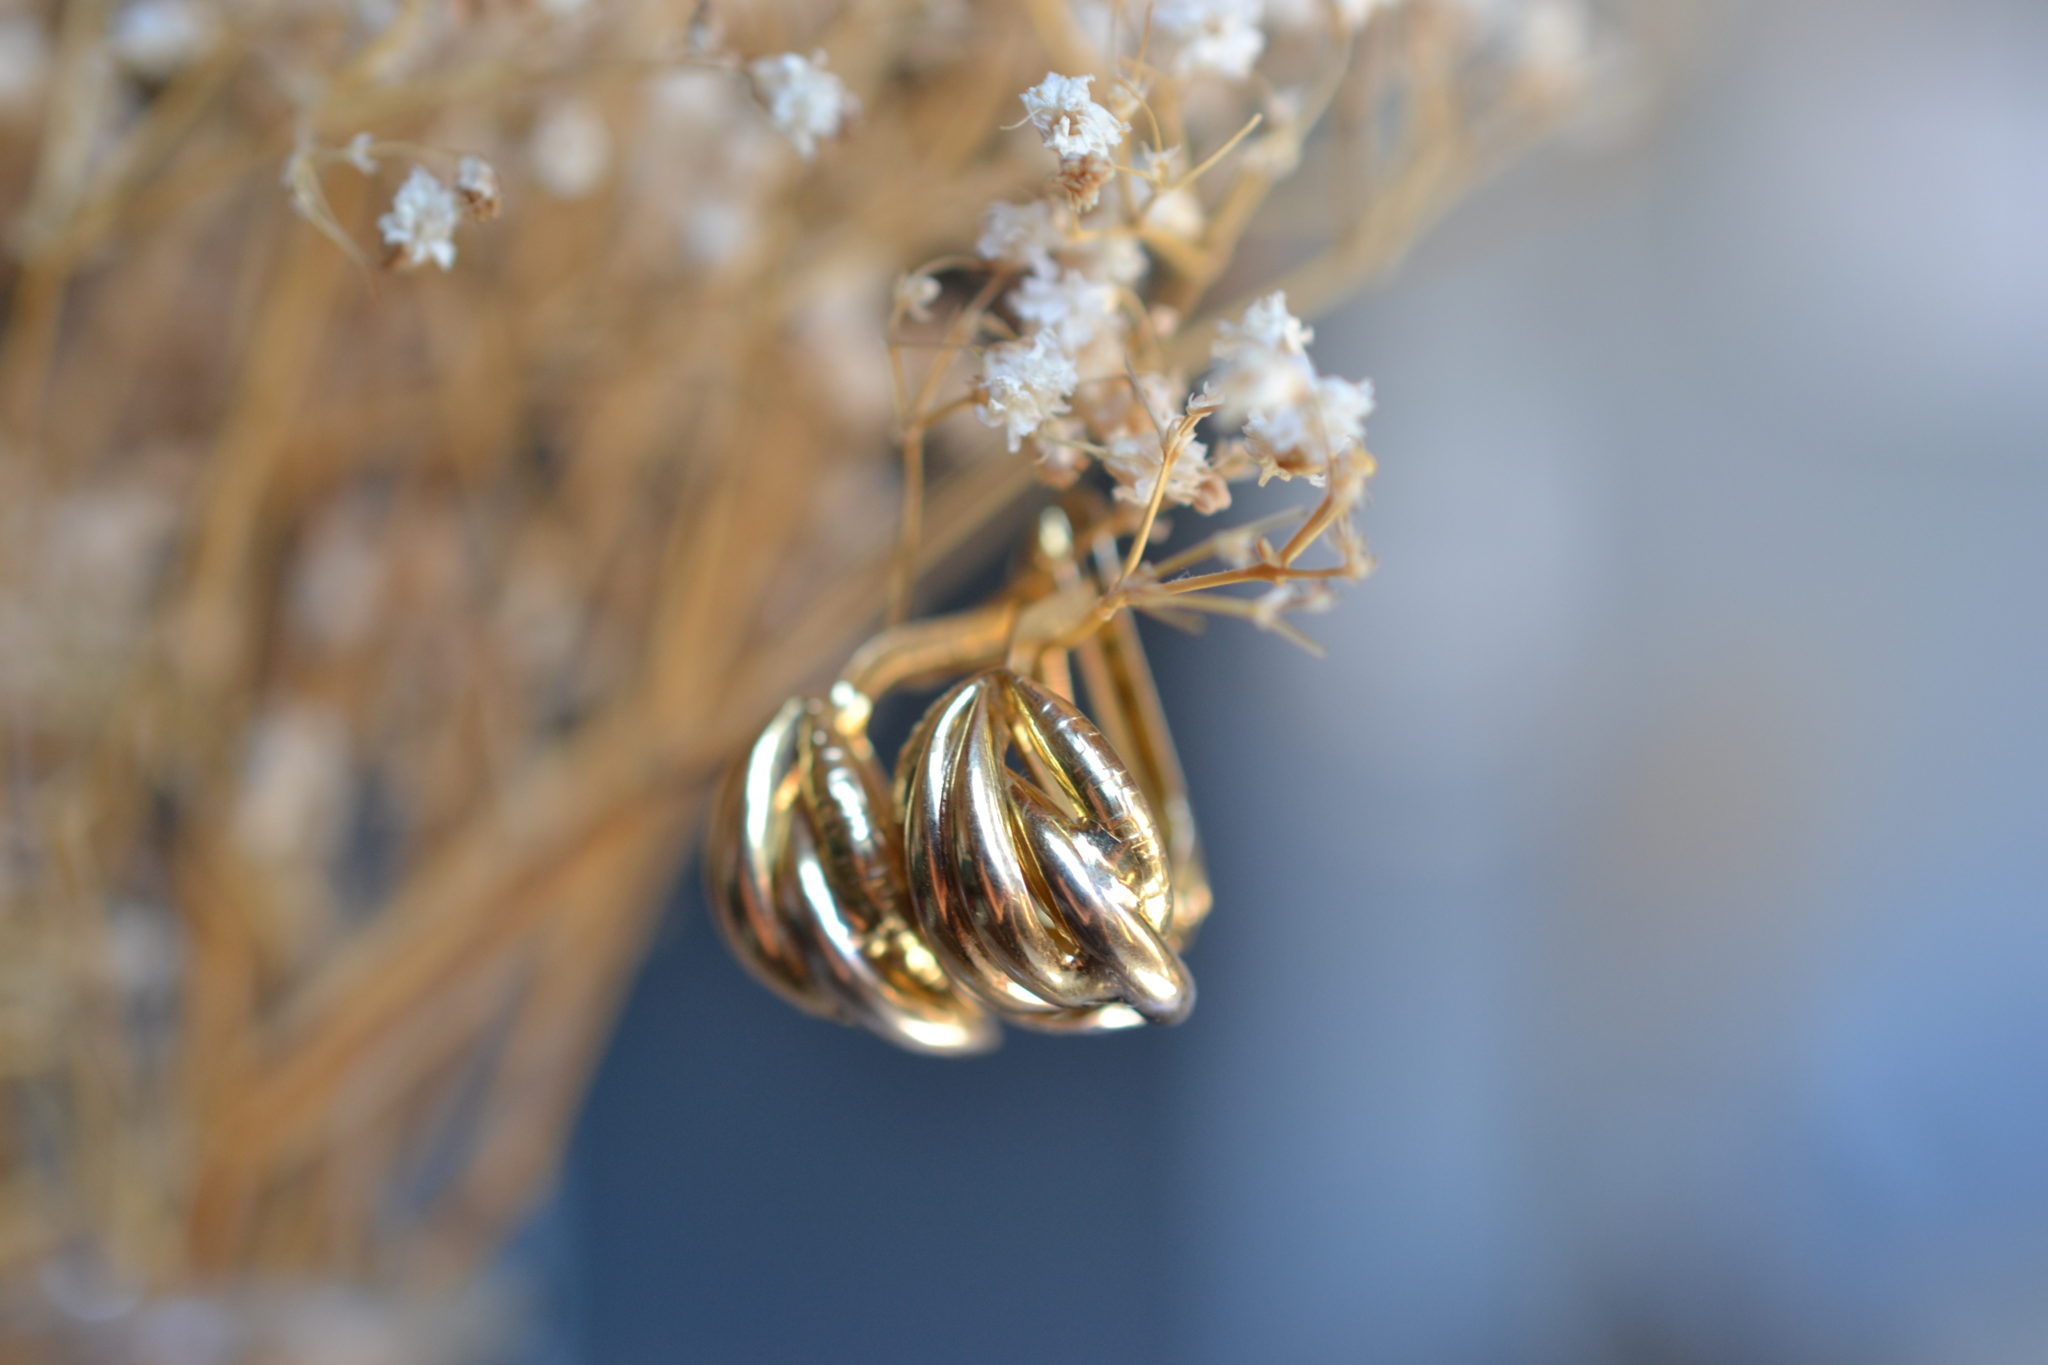 Boucles D'oreilles 2 Ors Vintage - Boucles D'oreilles Robe Mariage Ethique